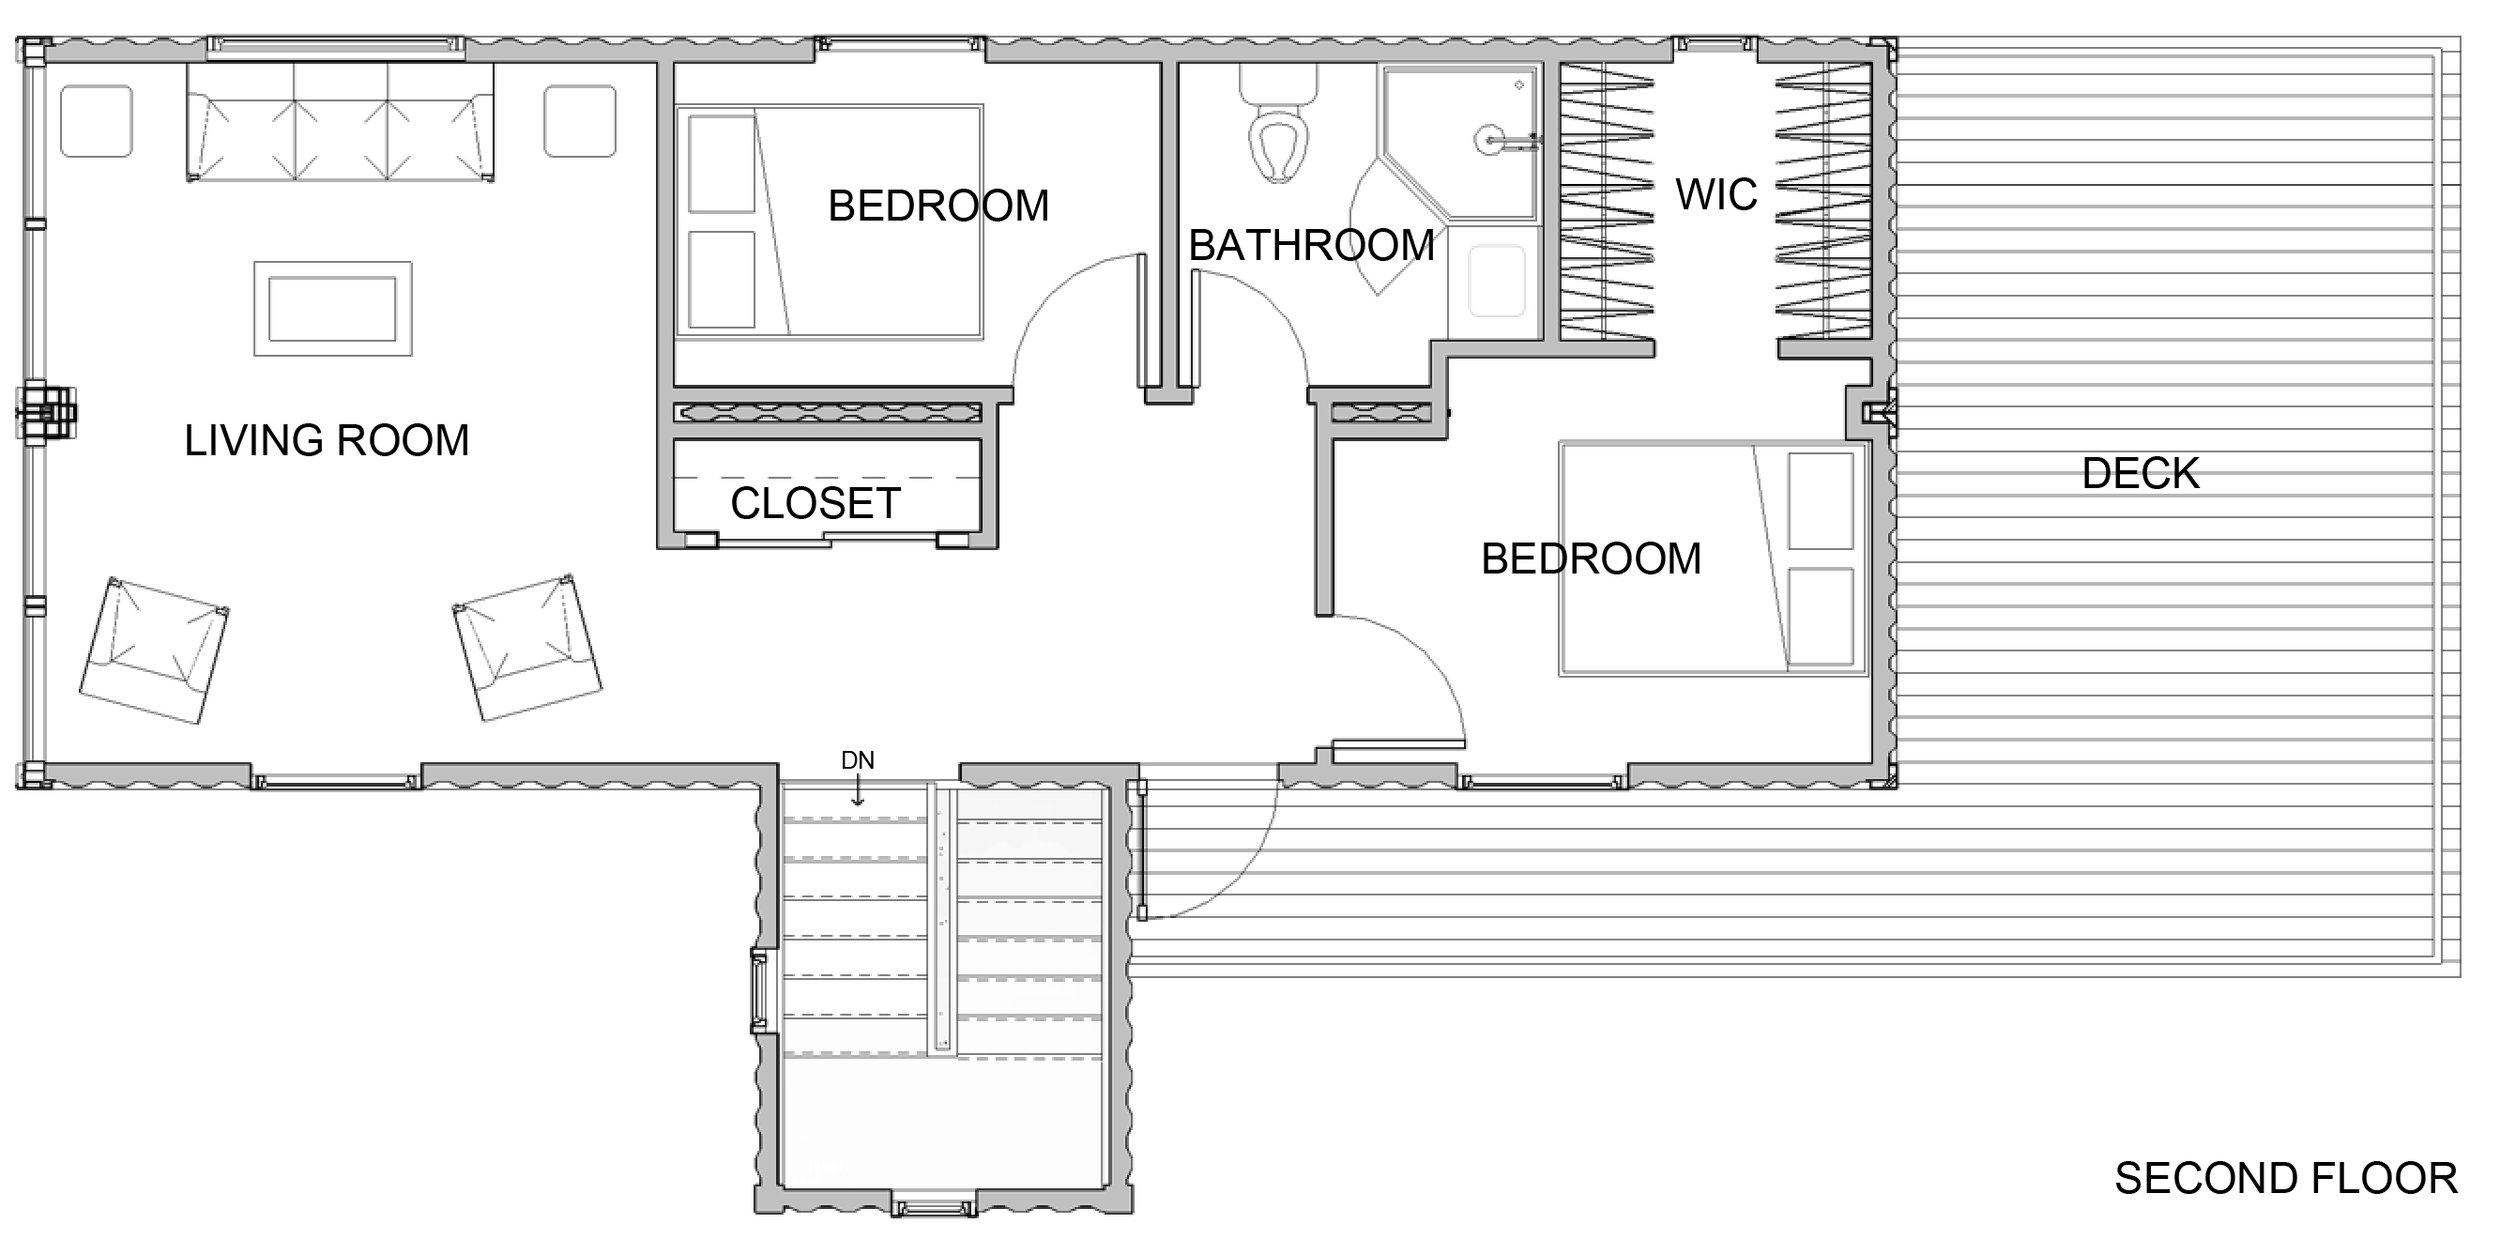 upper floor for website - R01.jpg